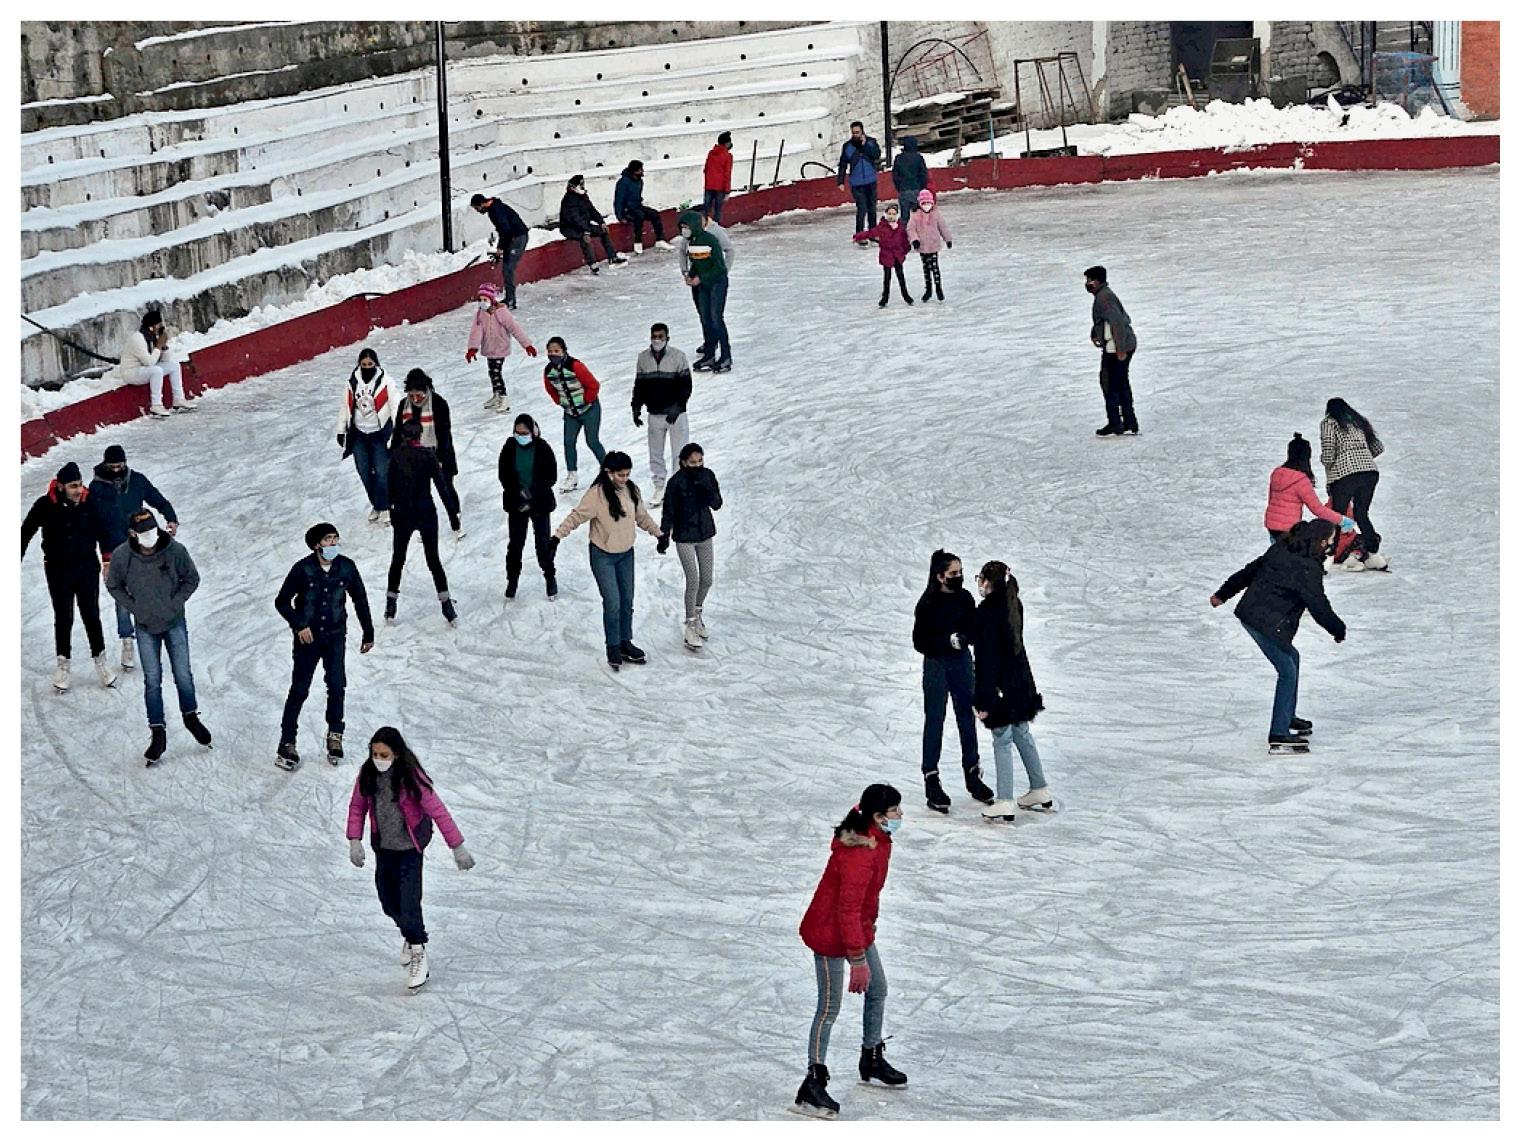 शिमला में आइस स्केटिंग करते टूरिस्ट।